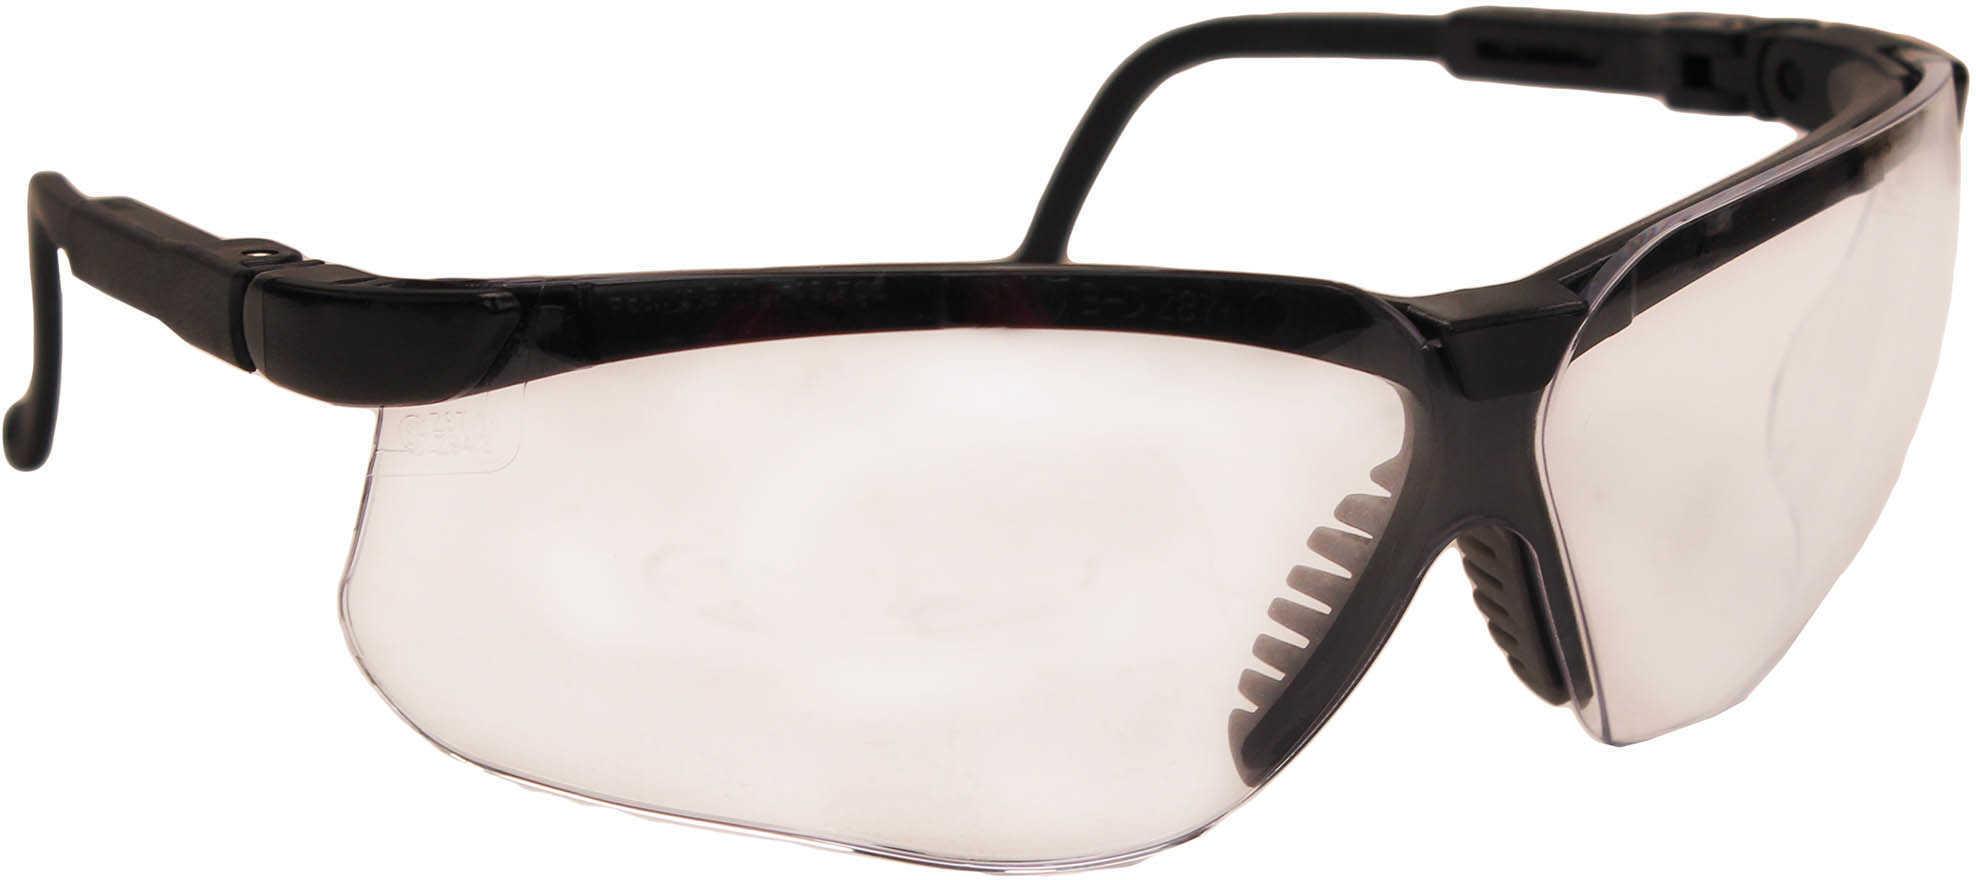 Howard Leight Industries Howard LEIGHT Genesis EYEWEAR Black Frame Clear Lens